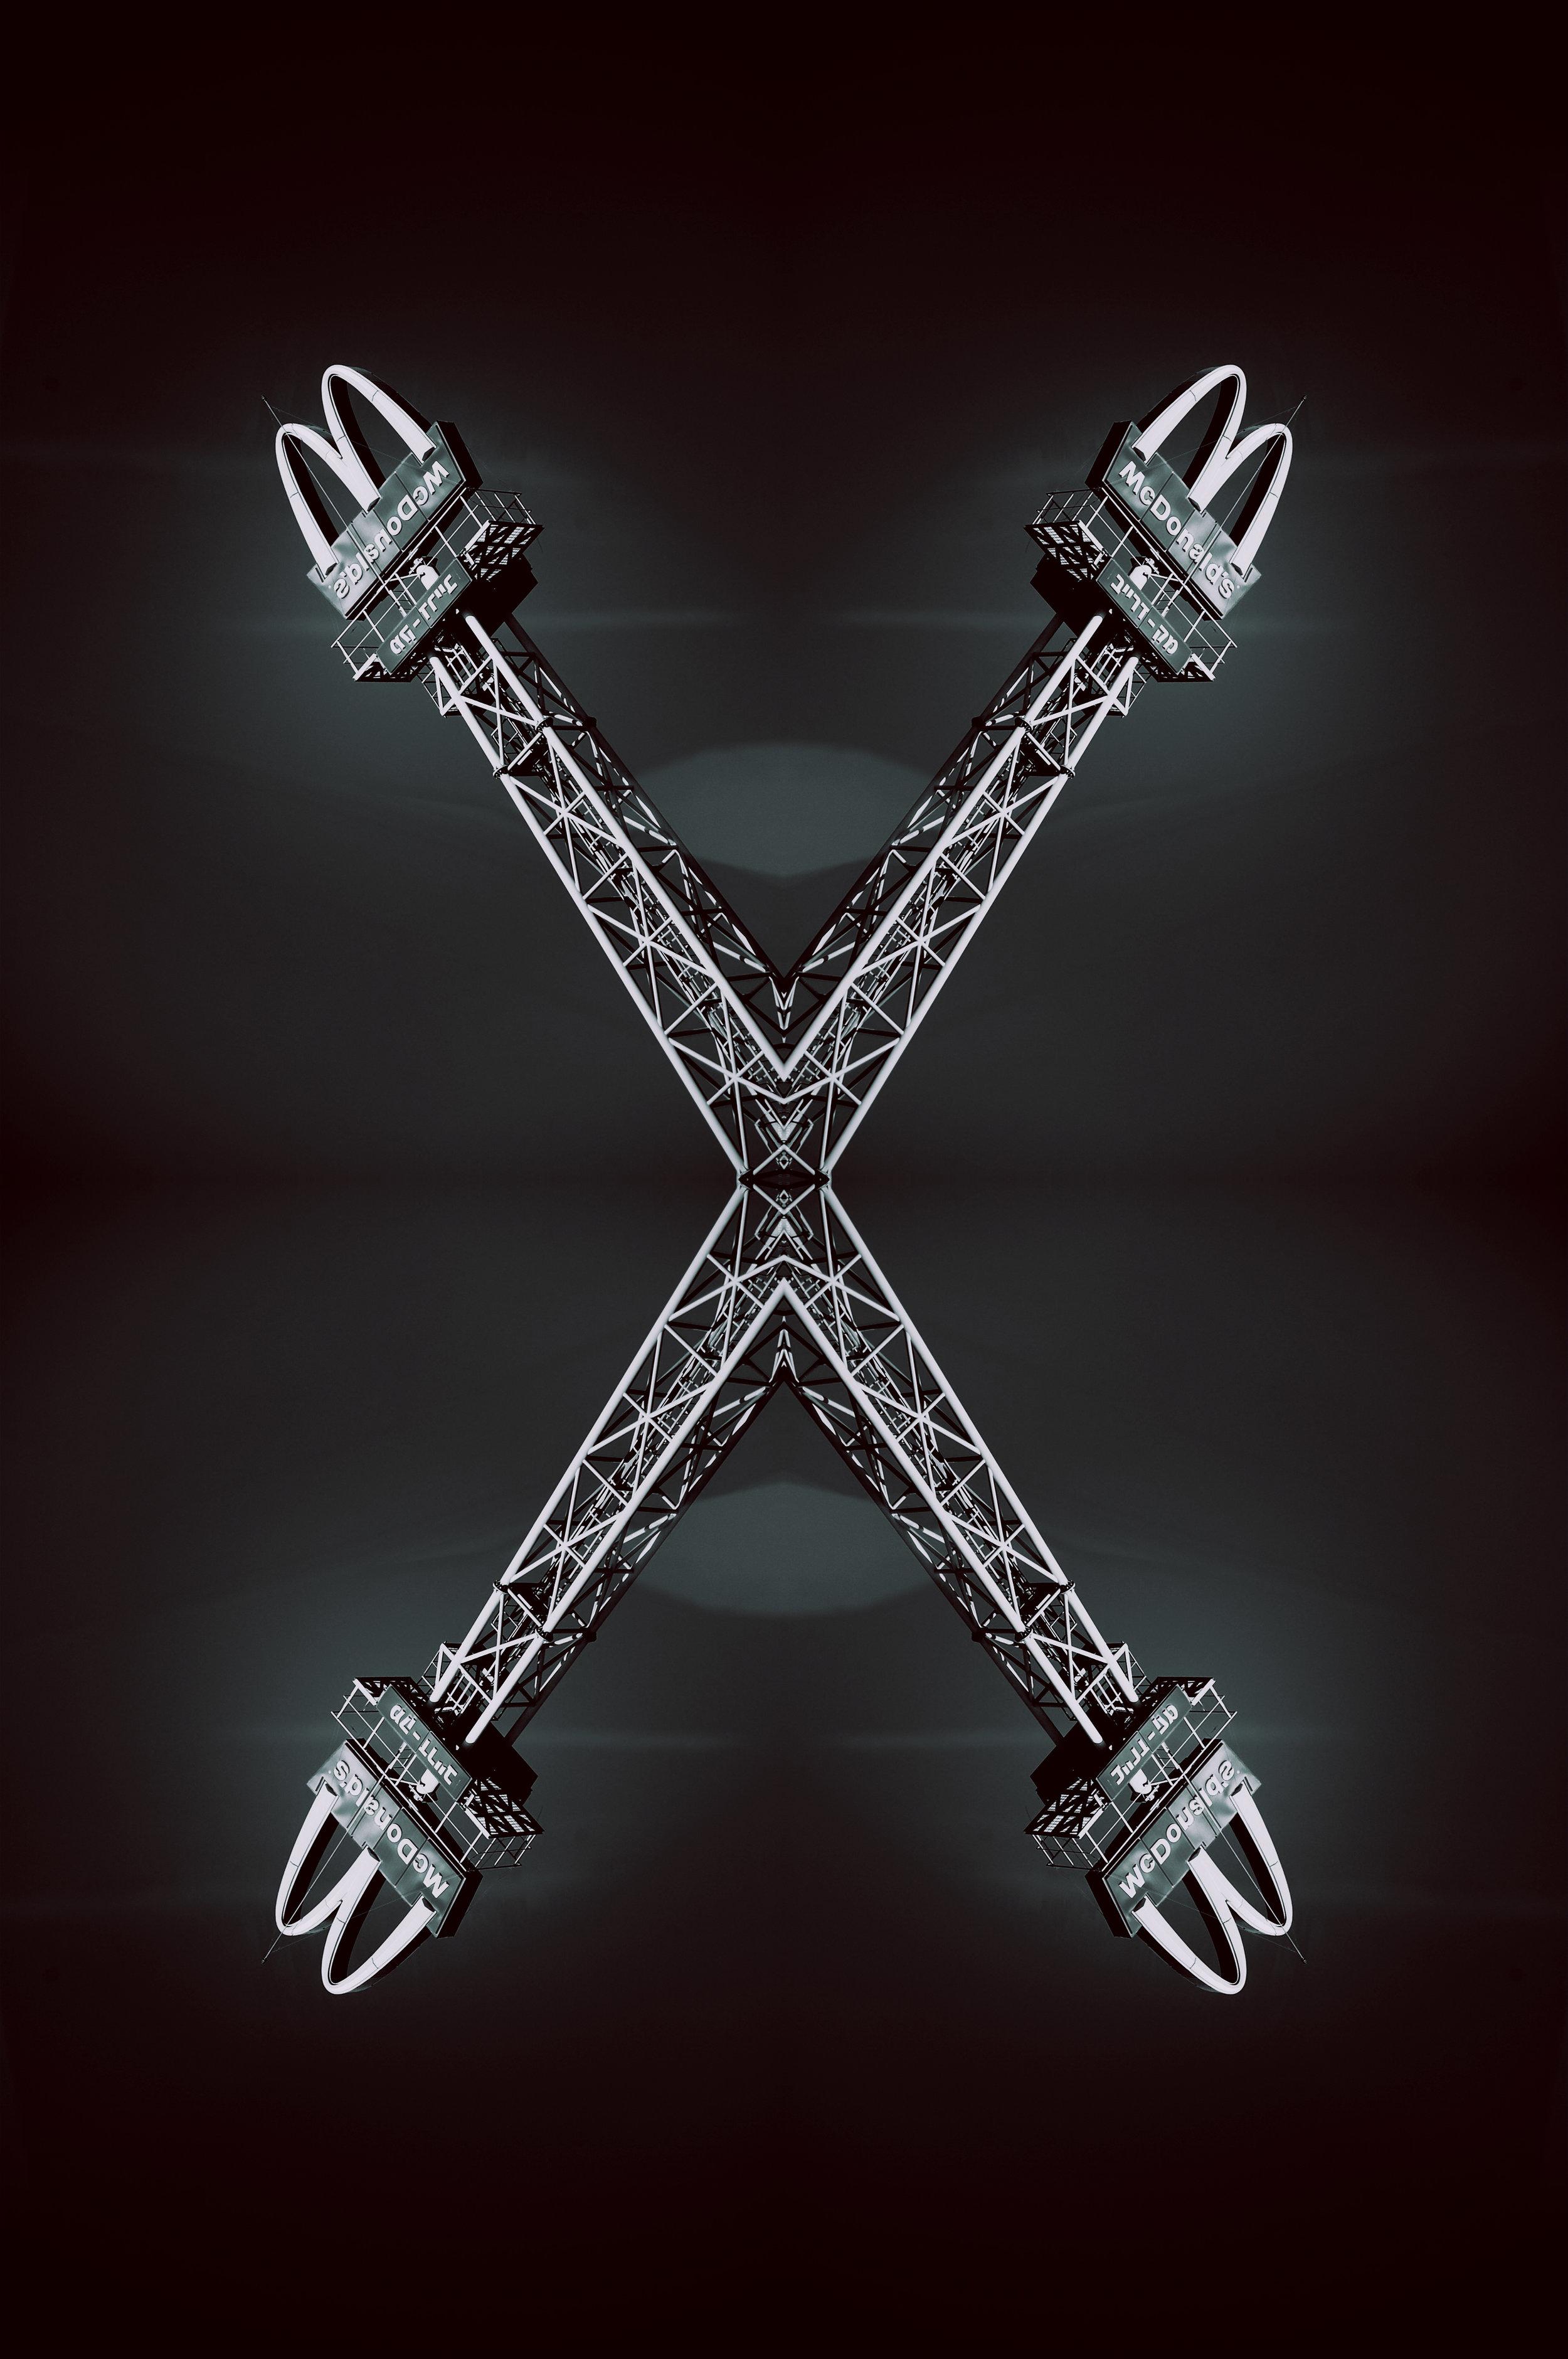 4 m's makes an X.jpg